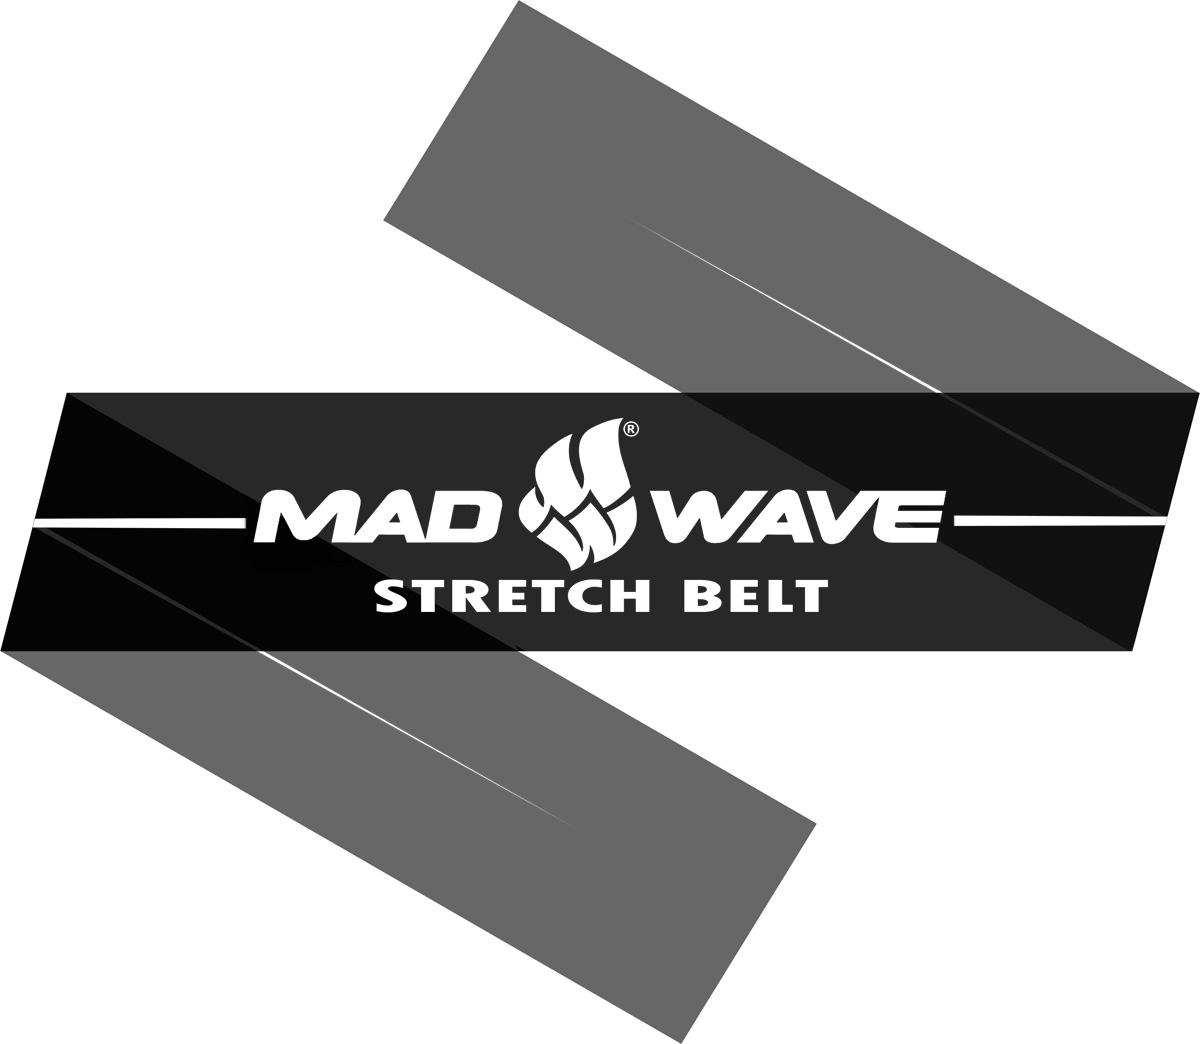 Эспандер Mad Wave Stretch Band, цвет: черный, 150 см х 15 см х 0,04 смAIRWHEEL M3-162.8Эспандер Mad Wave Stretch Band предназначен для тренировки и разогрева мышц. Представляет собой латексную ленту. Может применятся в любом виде спорта. Чрезвычайно компактный.